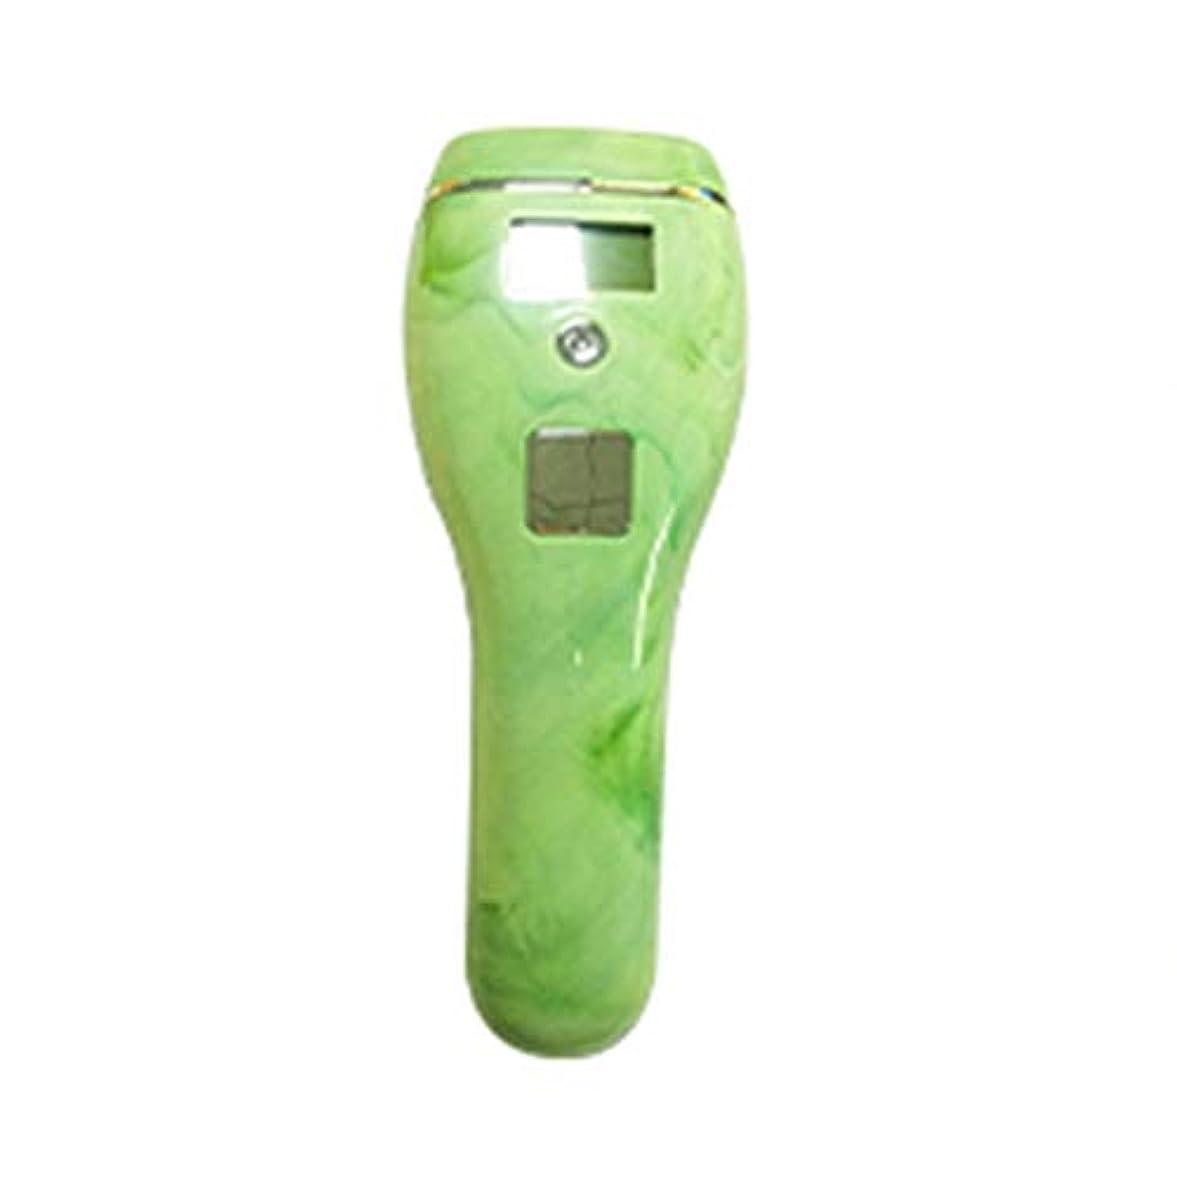 最大化する増強最終的にIku夫 自動肌のカラーセンシング、グリーン、5速調整、クォーツチューブ、携帯用痛みのない全身凍結乾燥用除湿器、サイズ19x7x5cm (Color : Green)